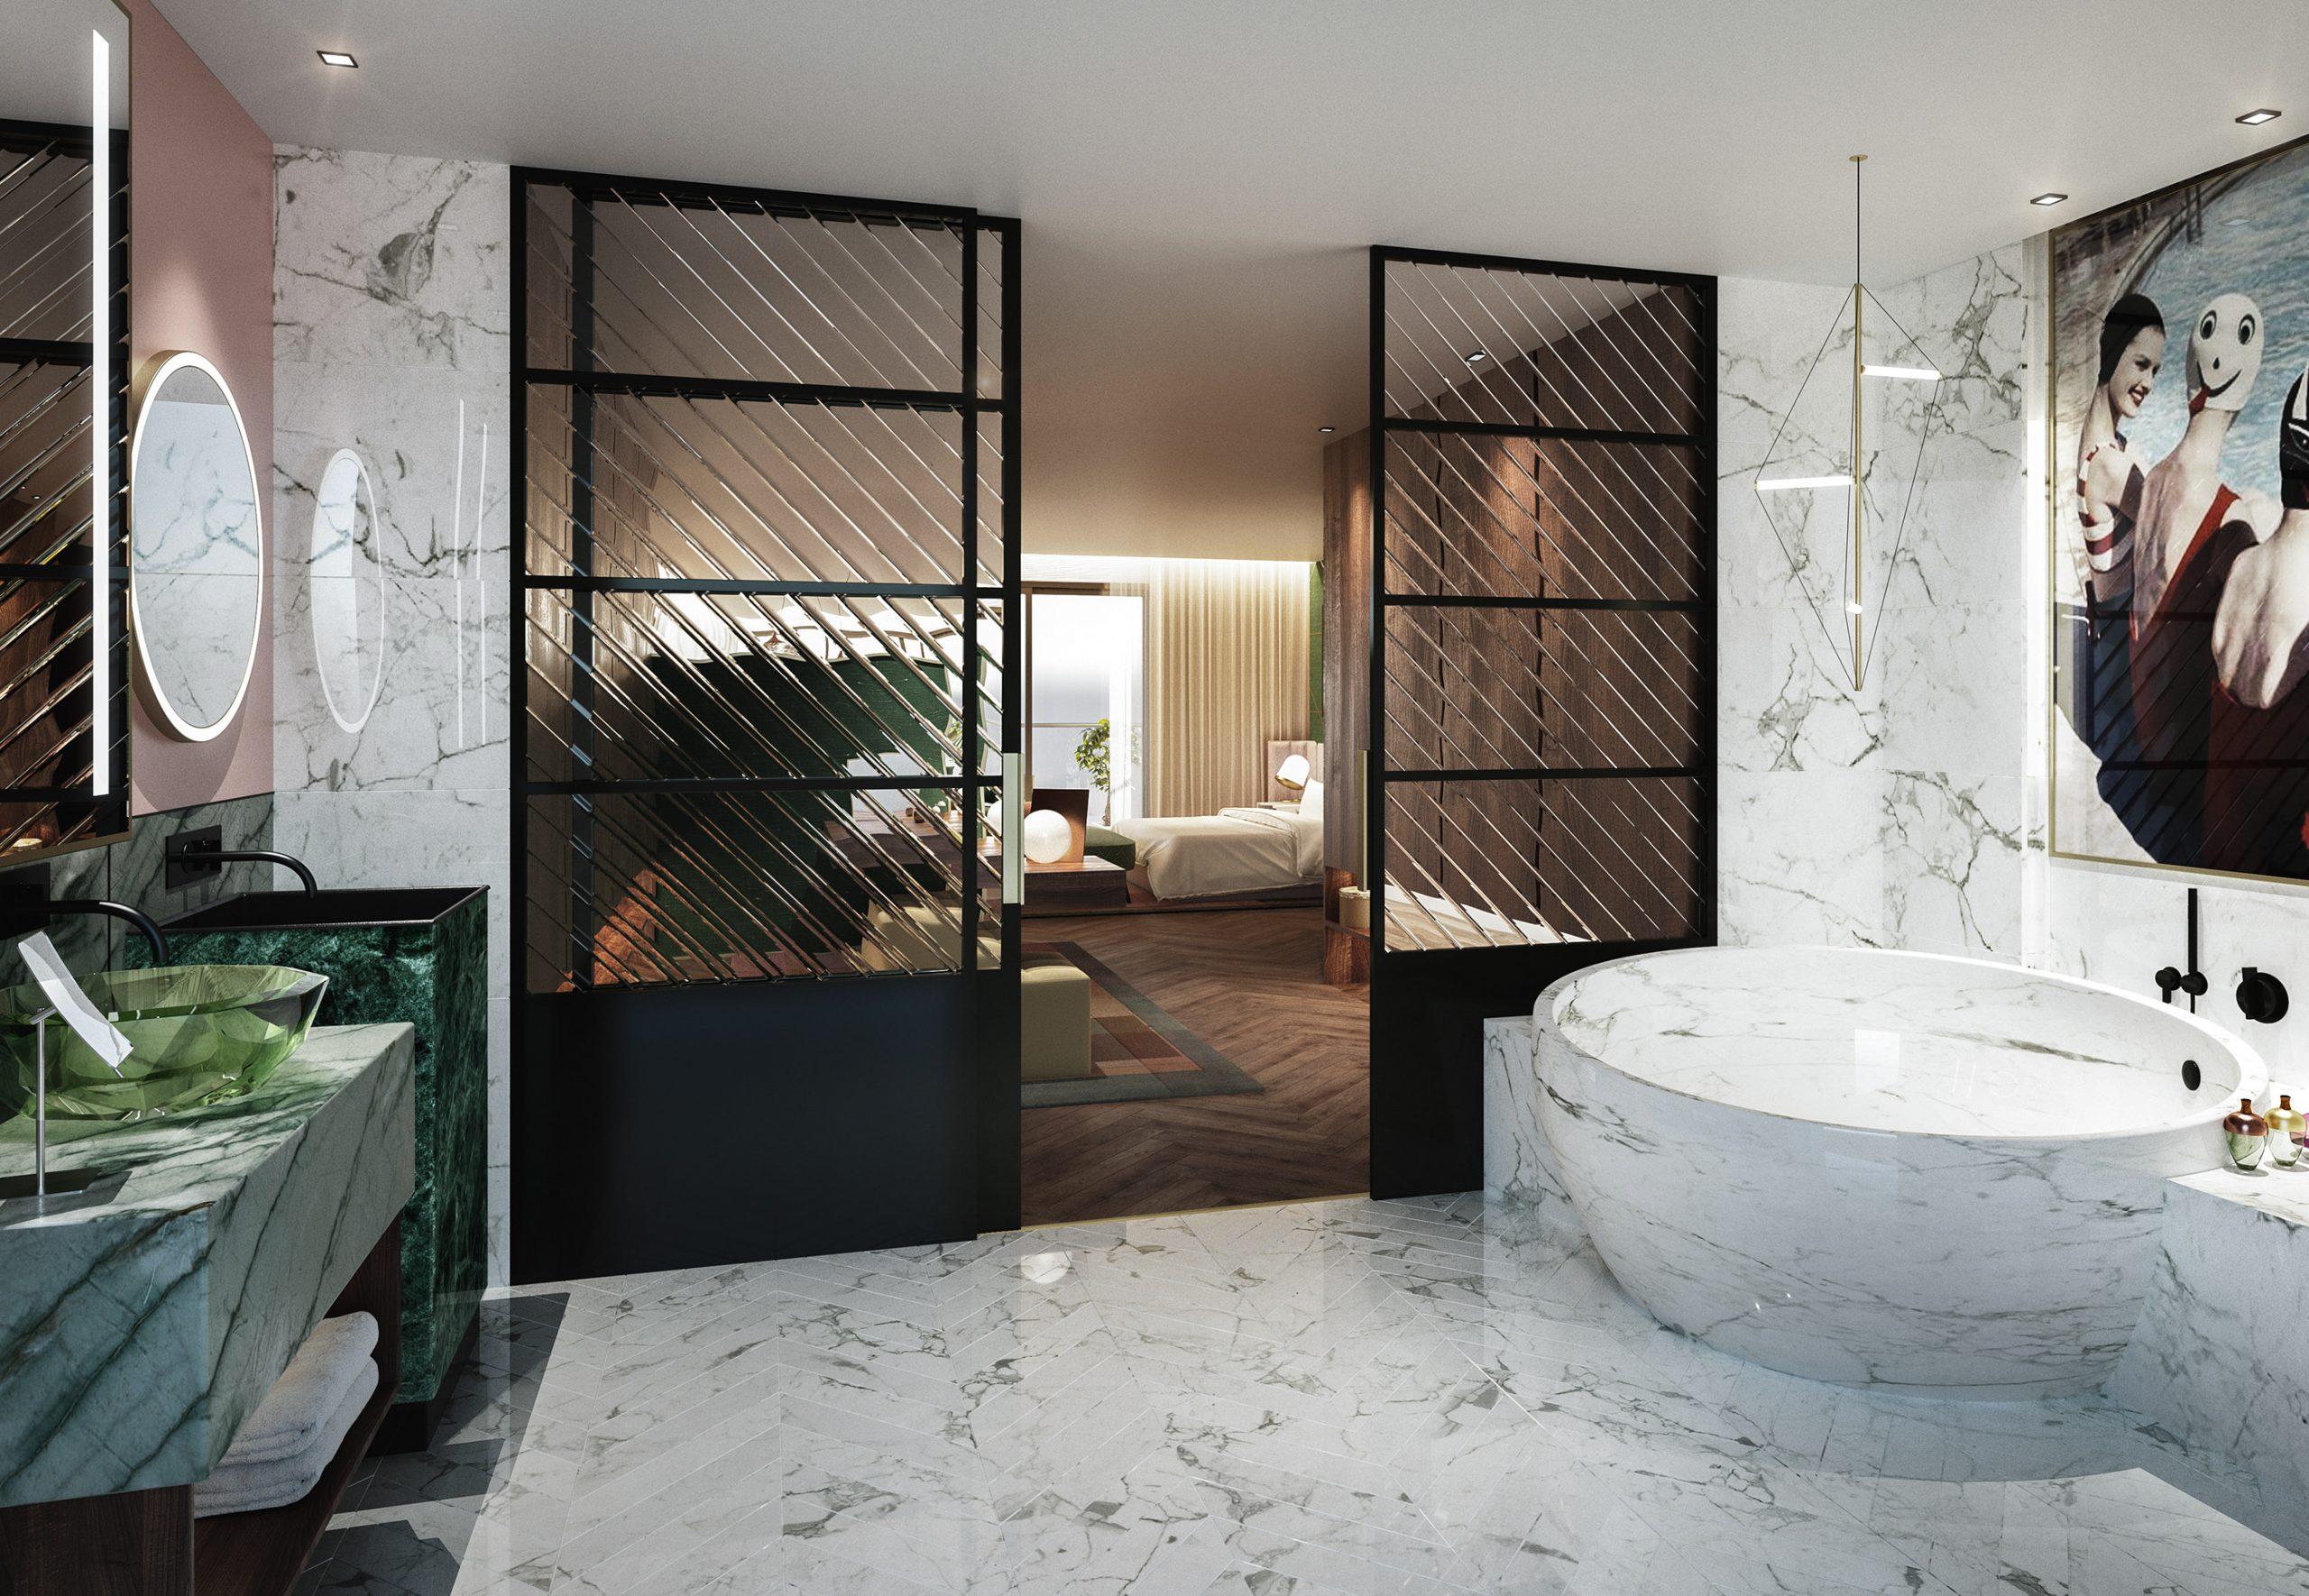 visualización arquitectónica de baño de hotel